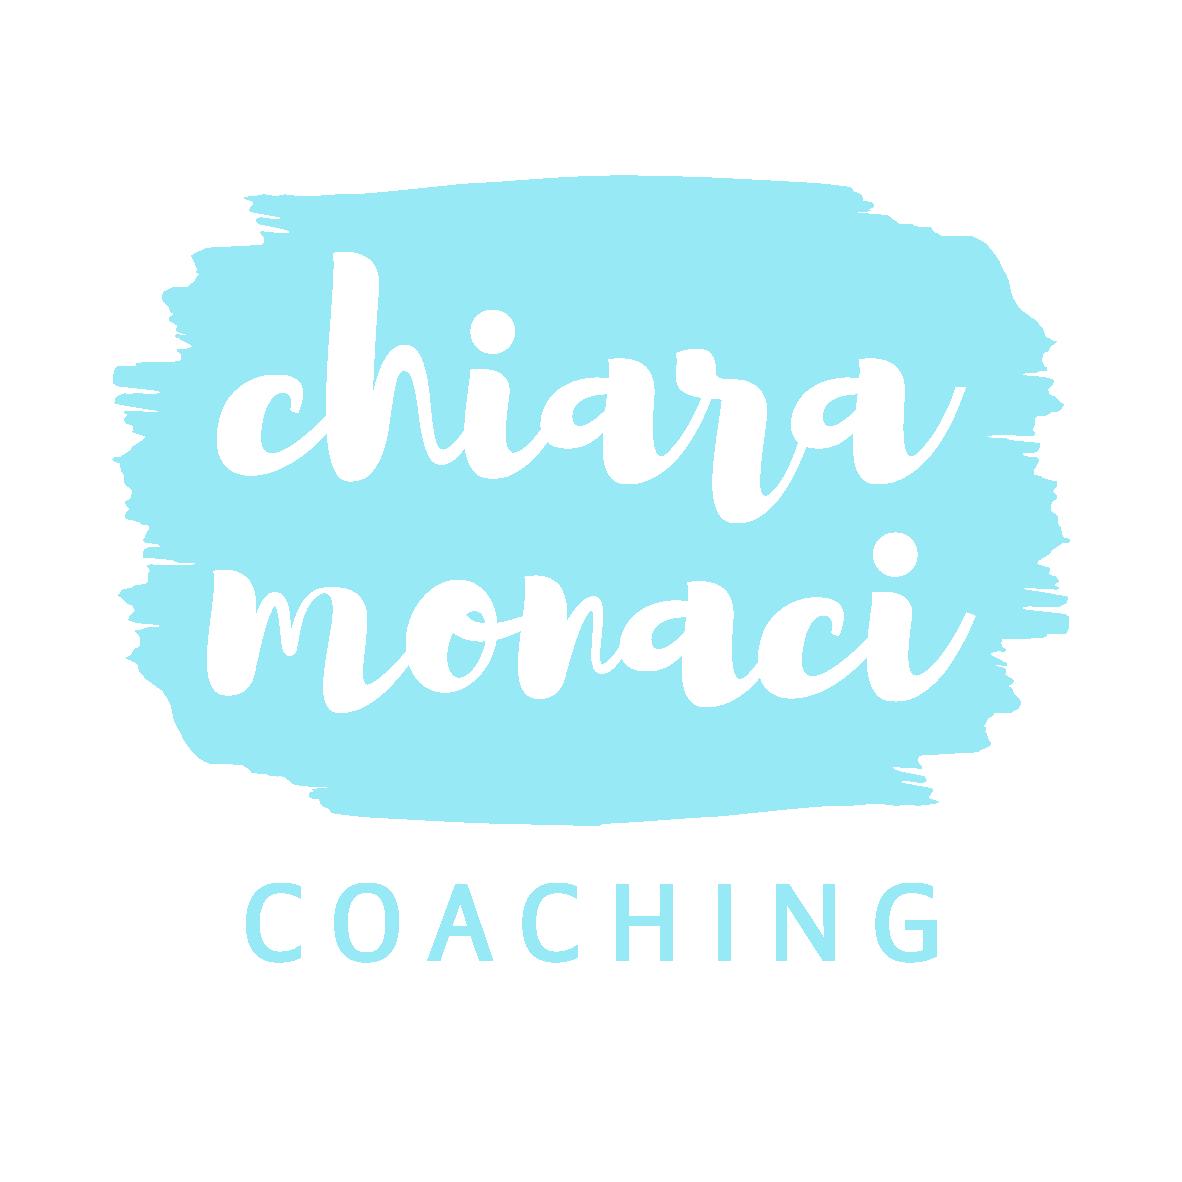 Chiara Monaci